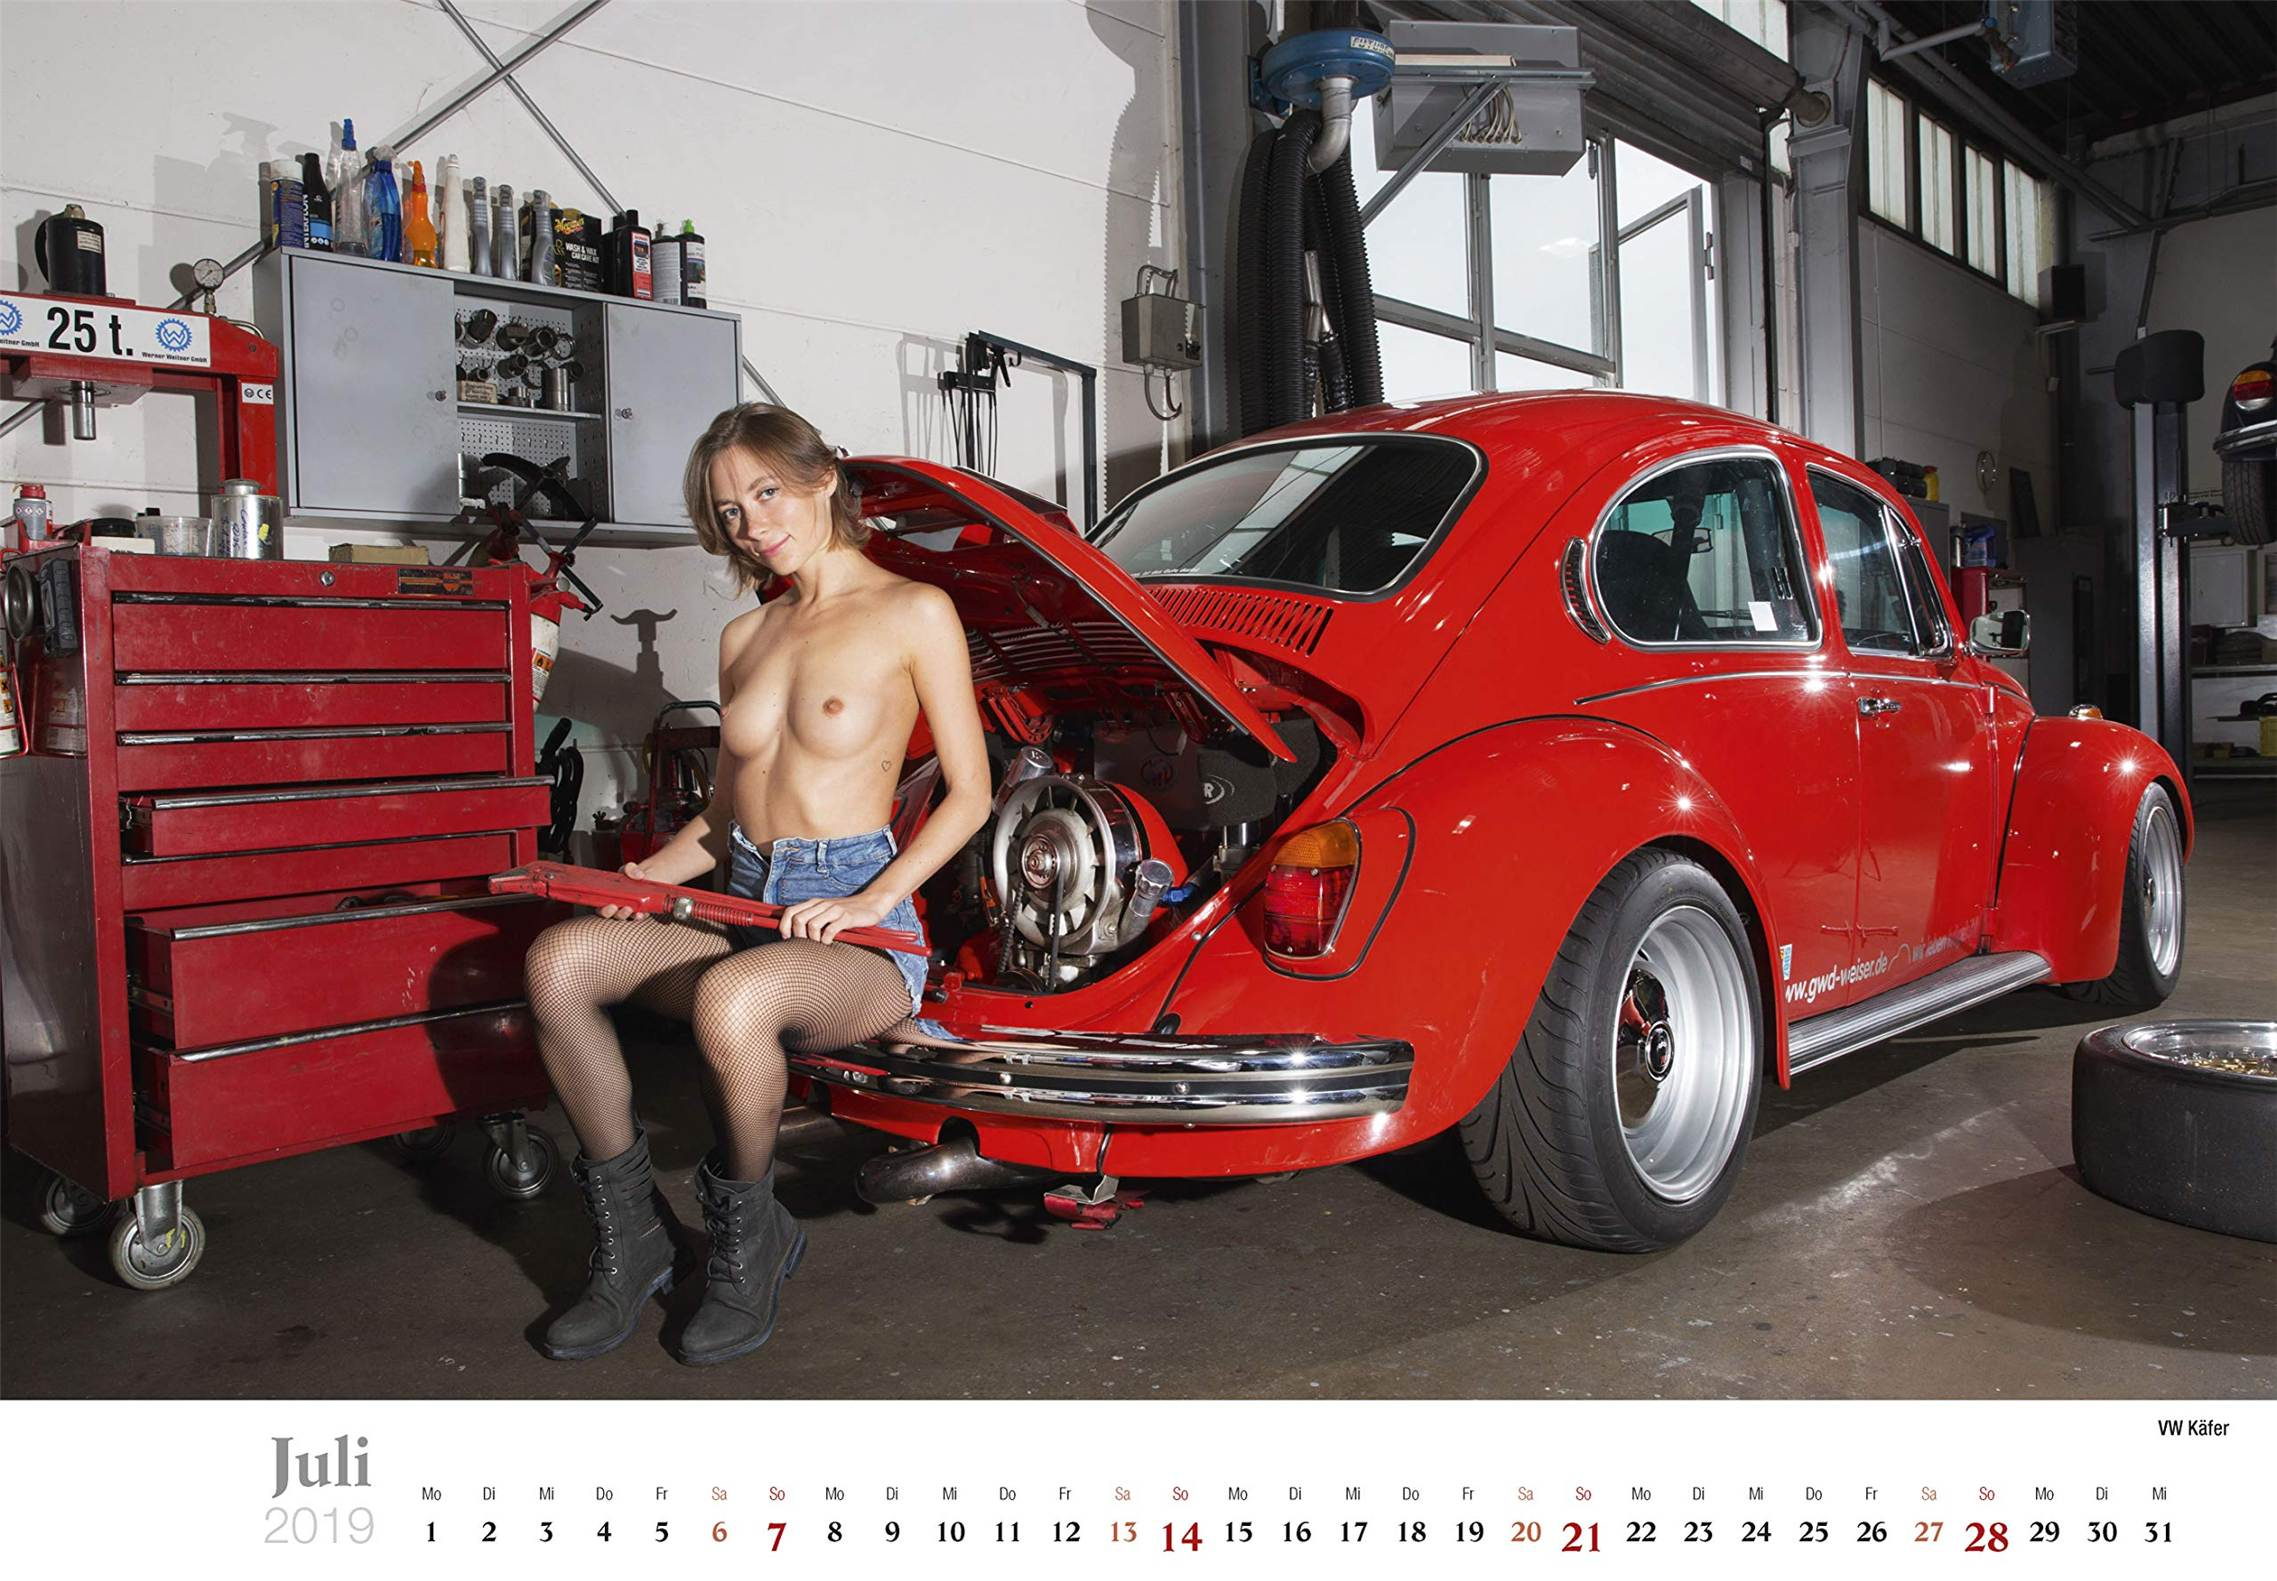 Сексуальные девушки ремонтируют автомобили / VW Kafer / Schraubertraume / 2019 erotic calendar by Frank Lutzeback